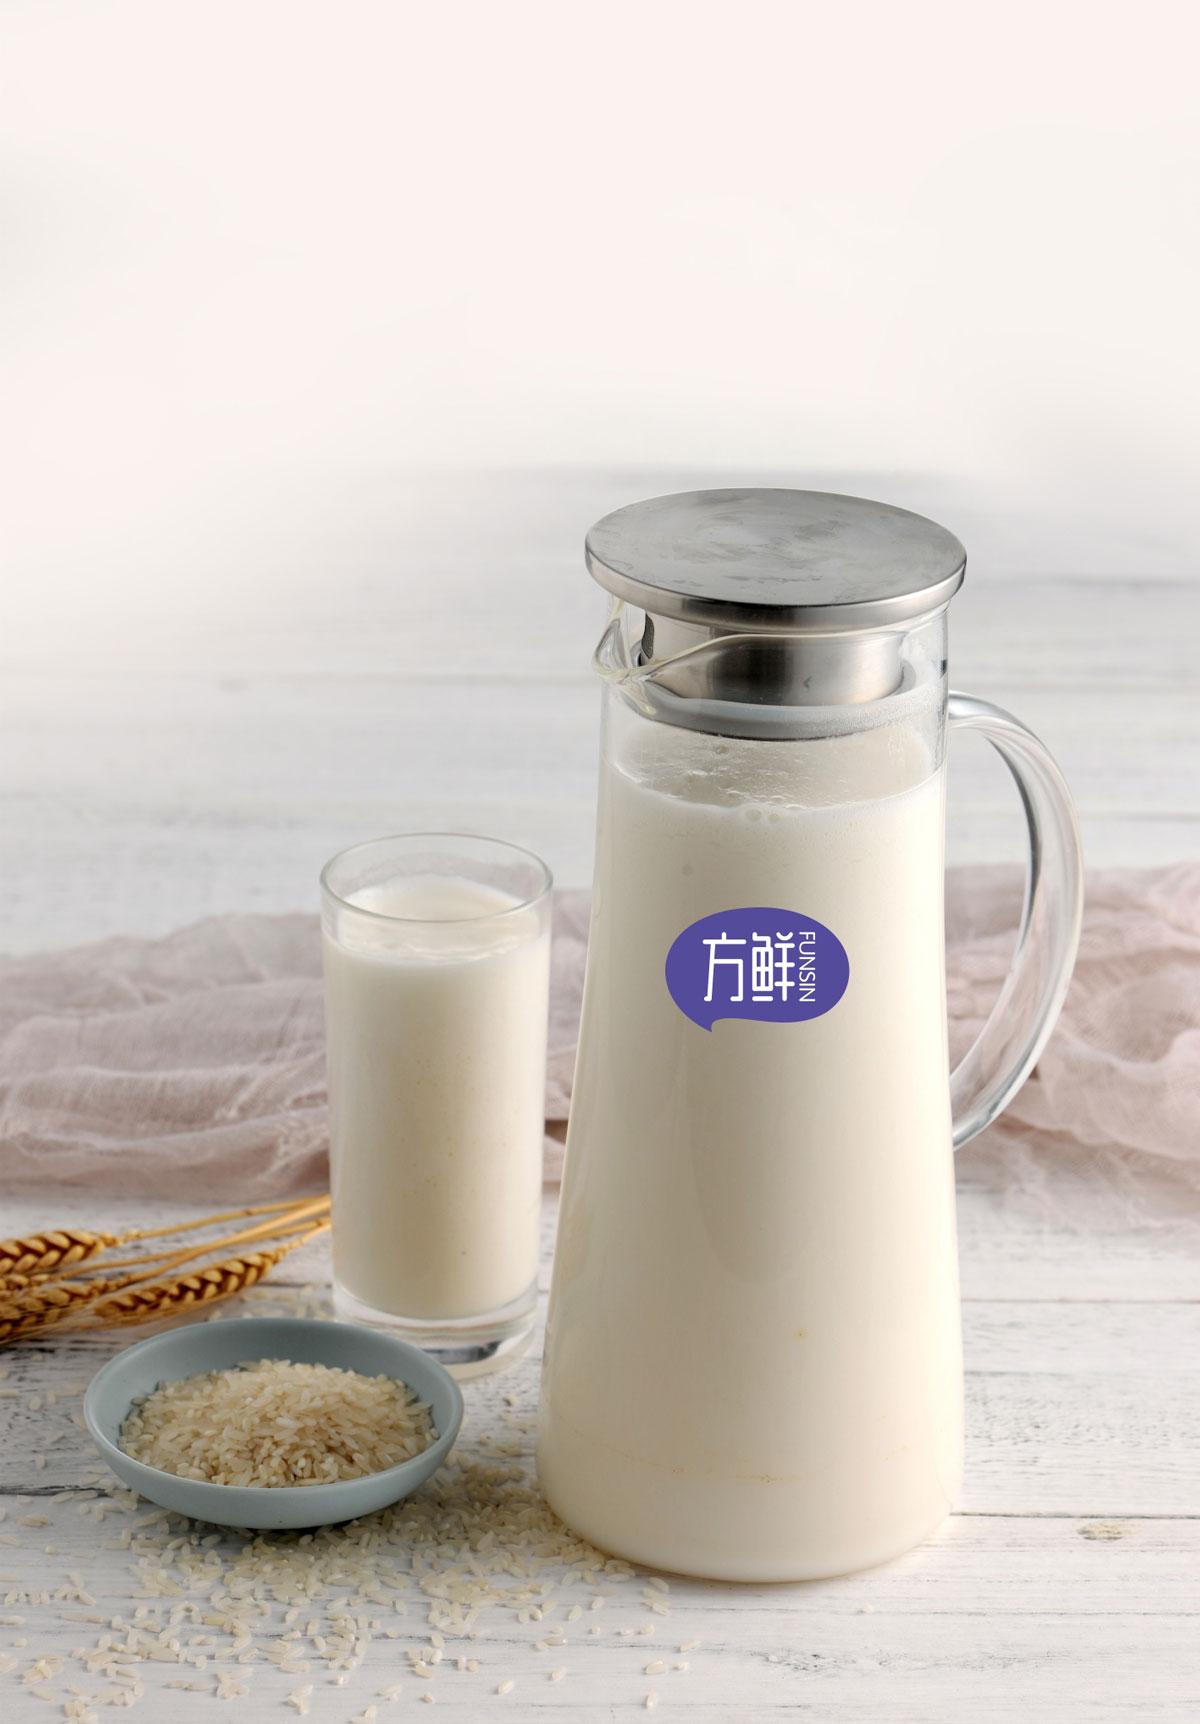 原味米浆汁